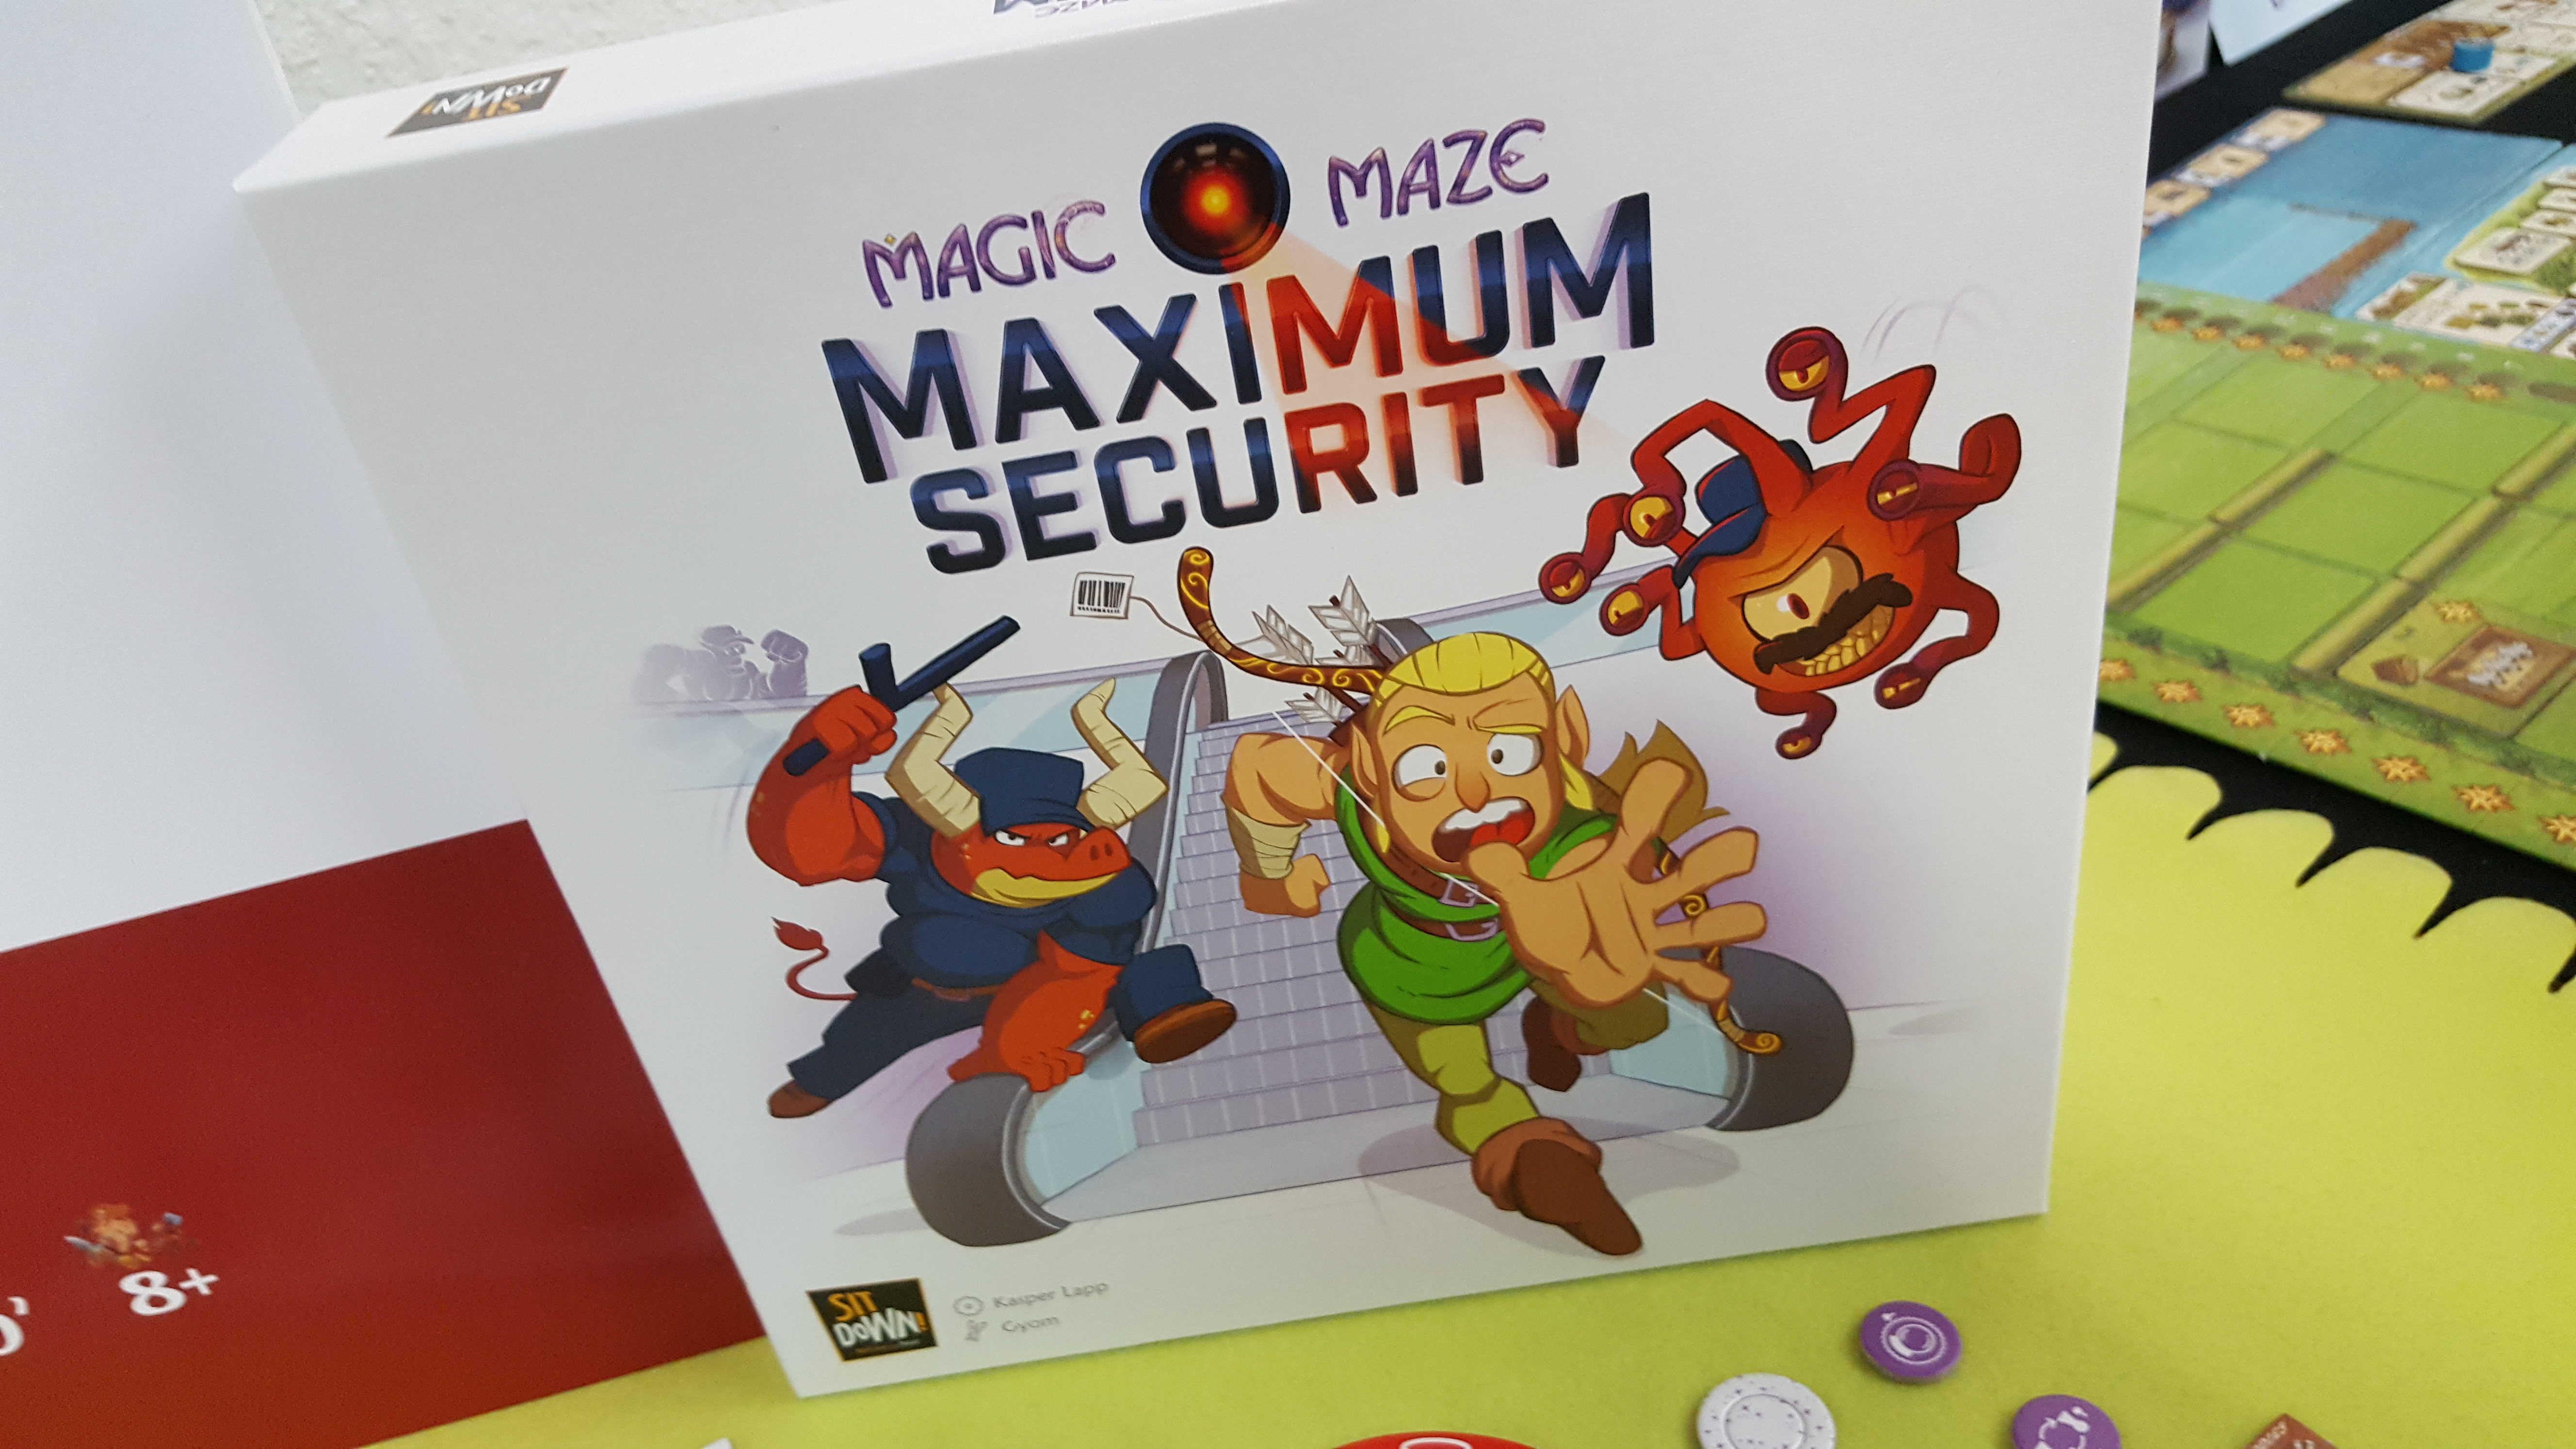 Magic Maze Maximum Security Board Game